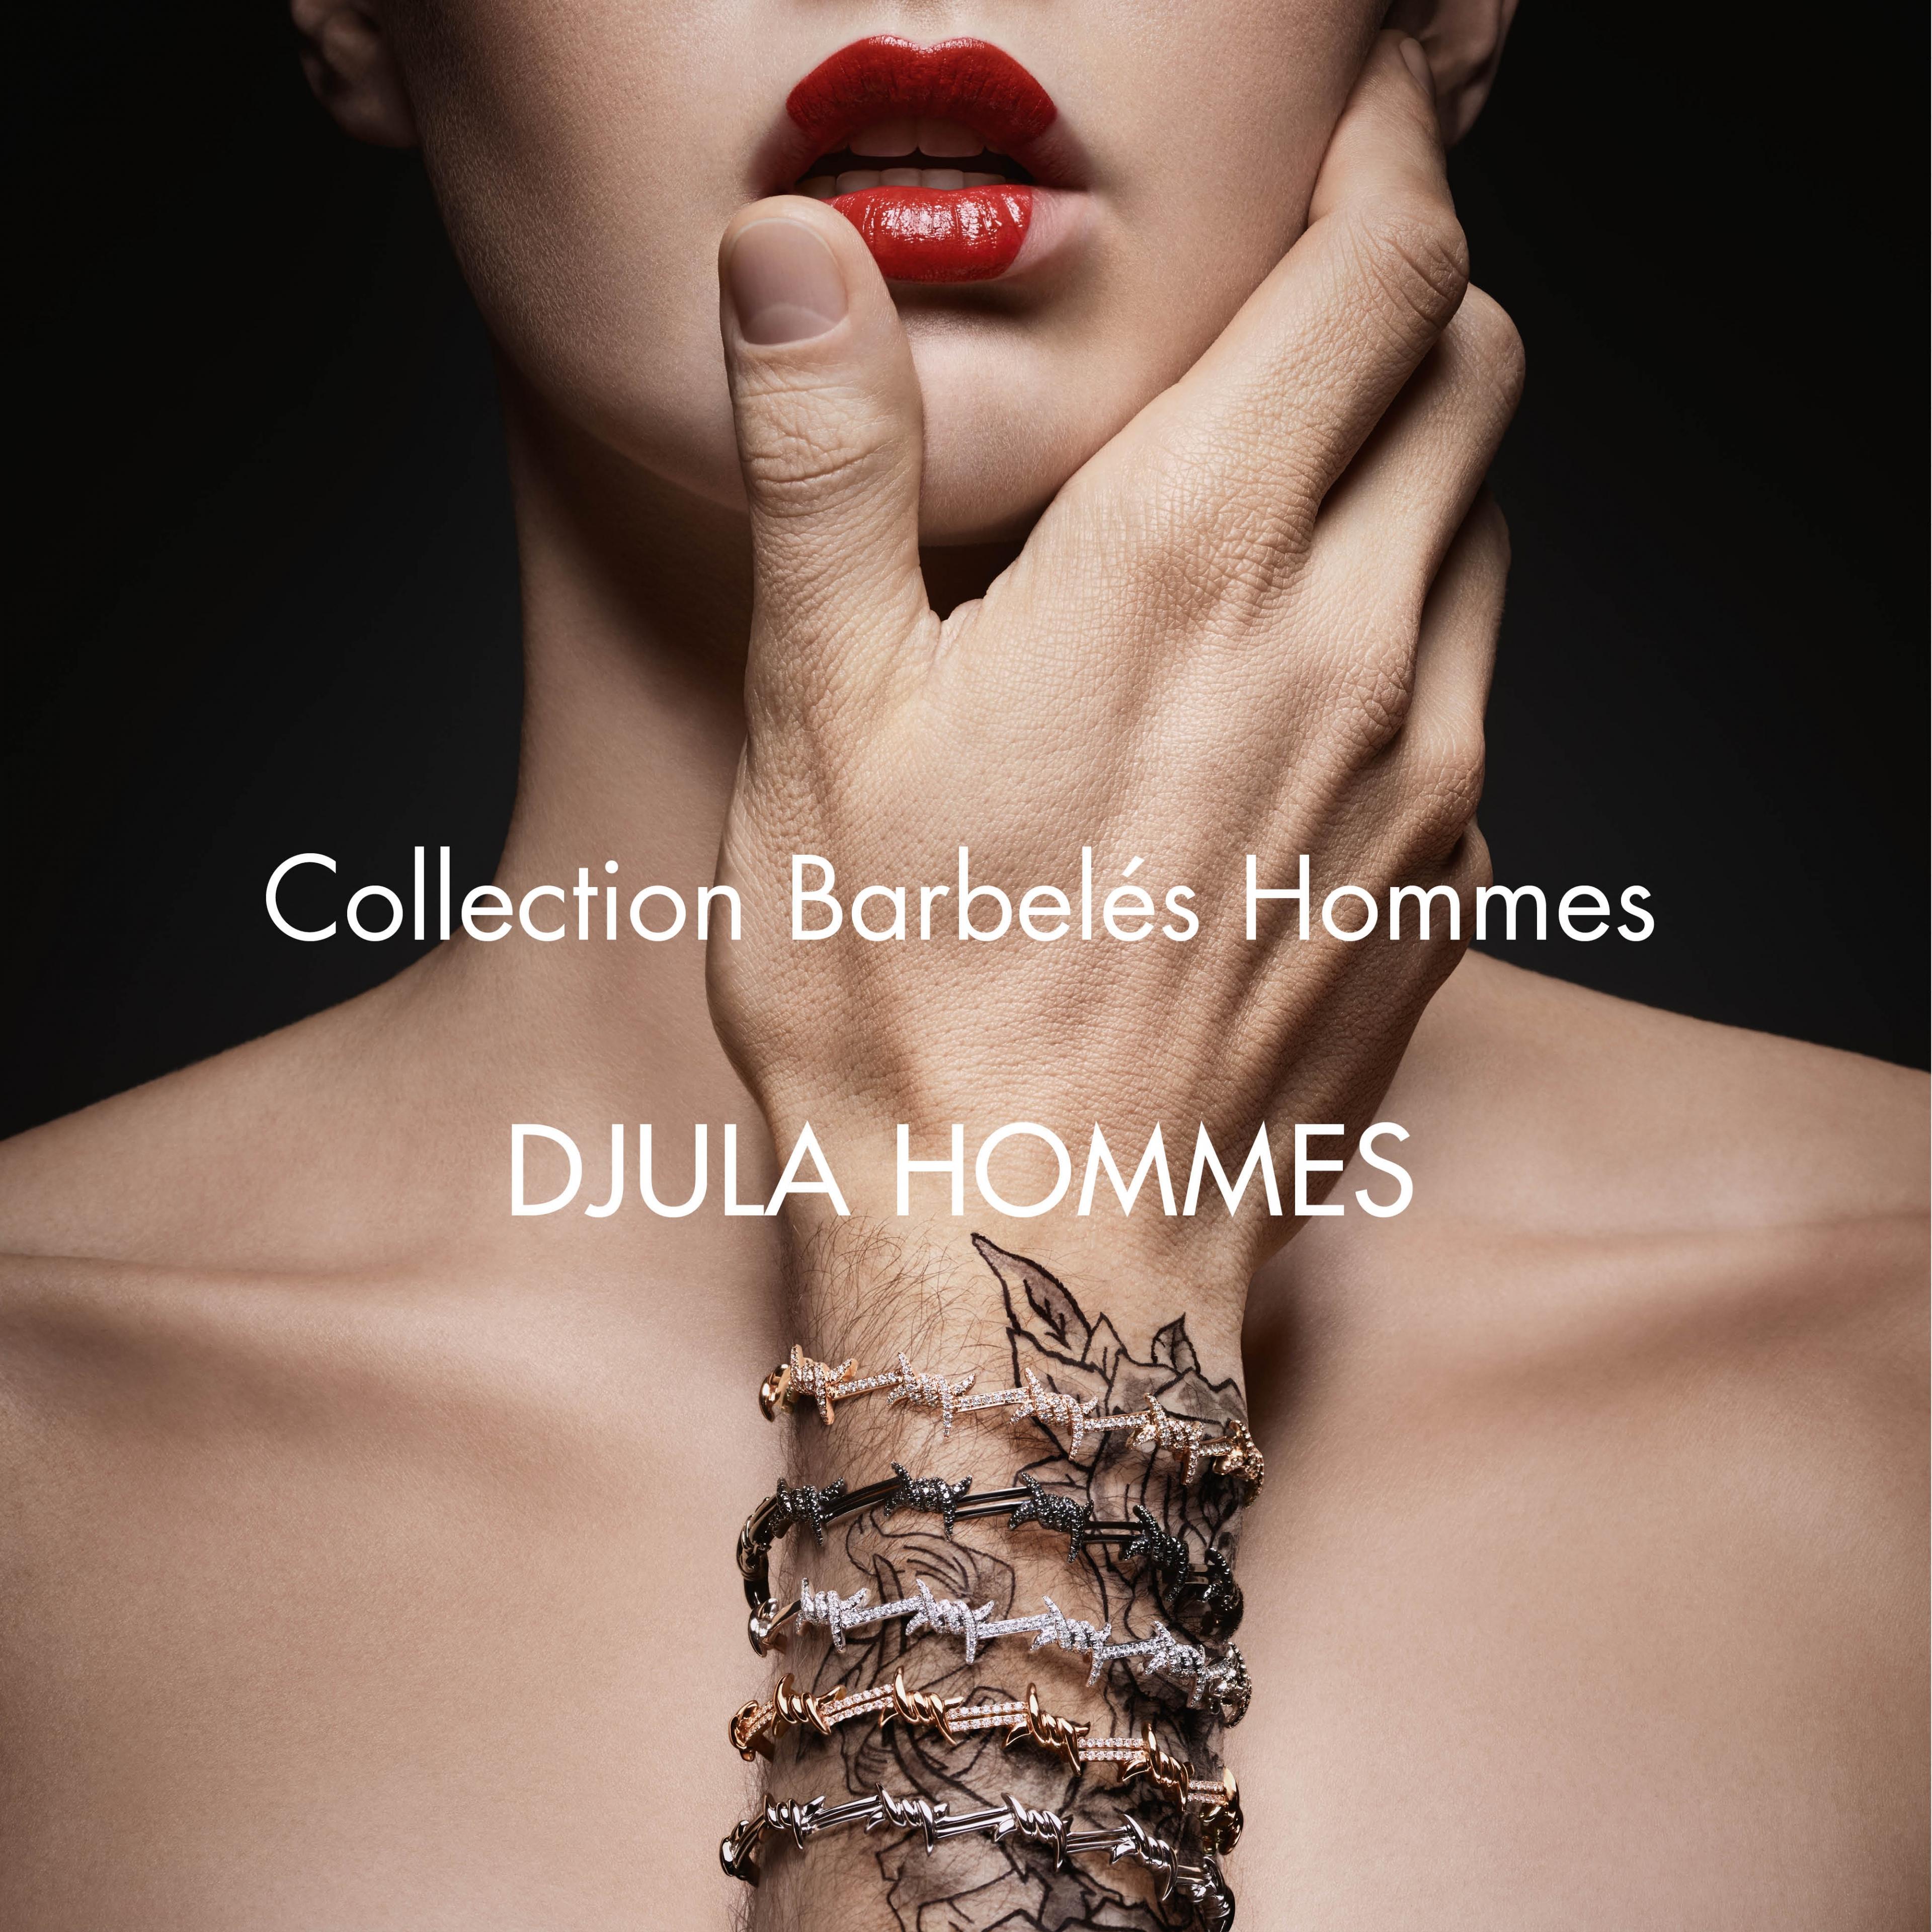 DJULA HOMMES